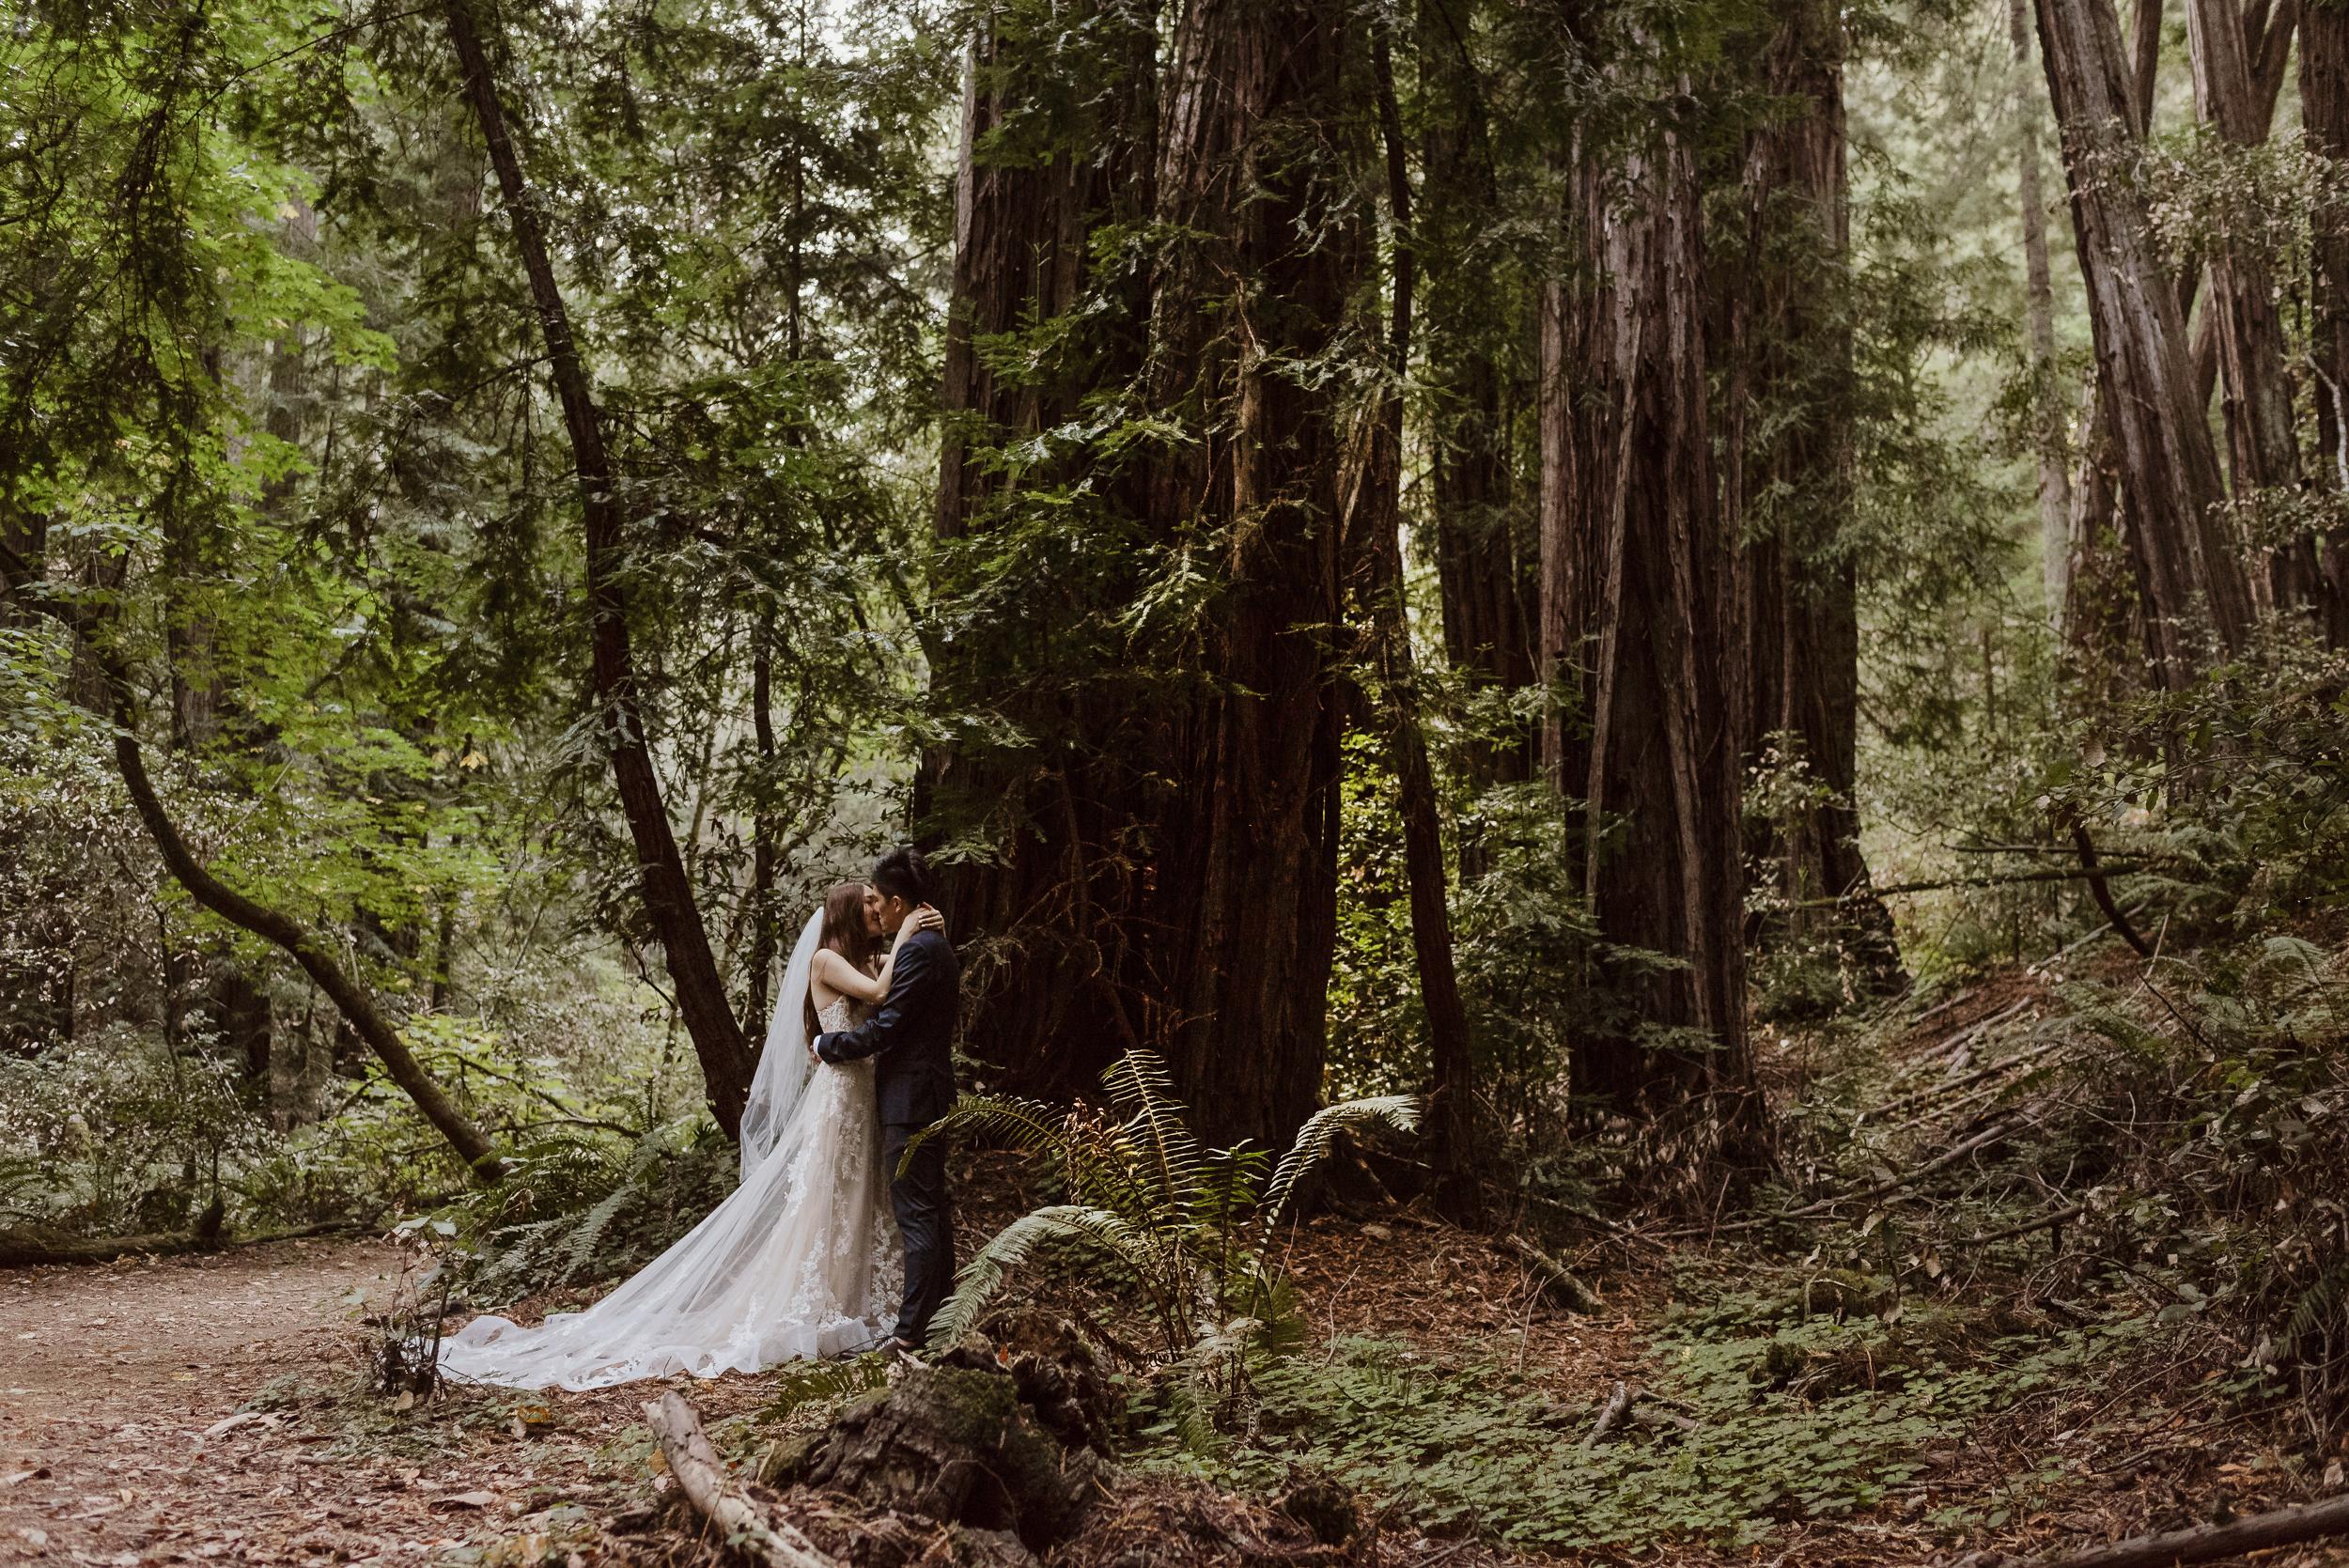 11-muir-woods-wedding-engagement-portrait-session-vivianchen-091.jpg